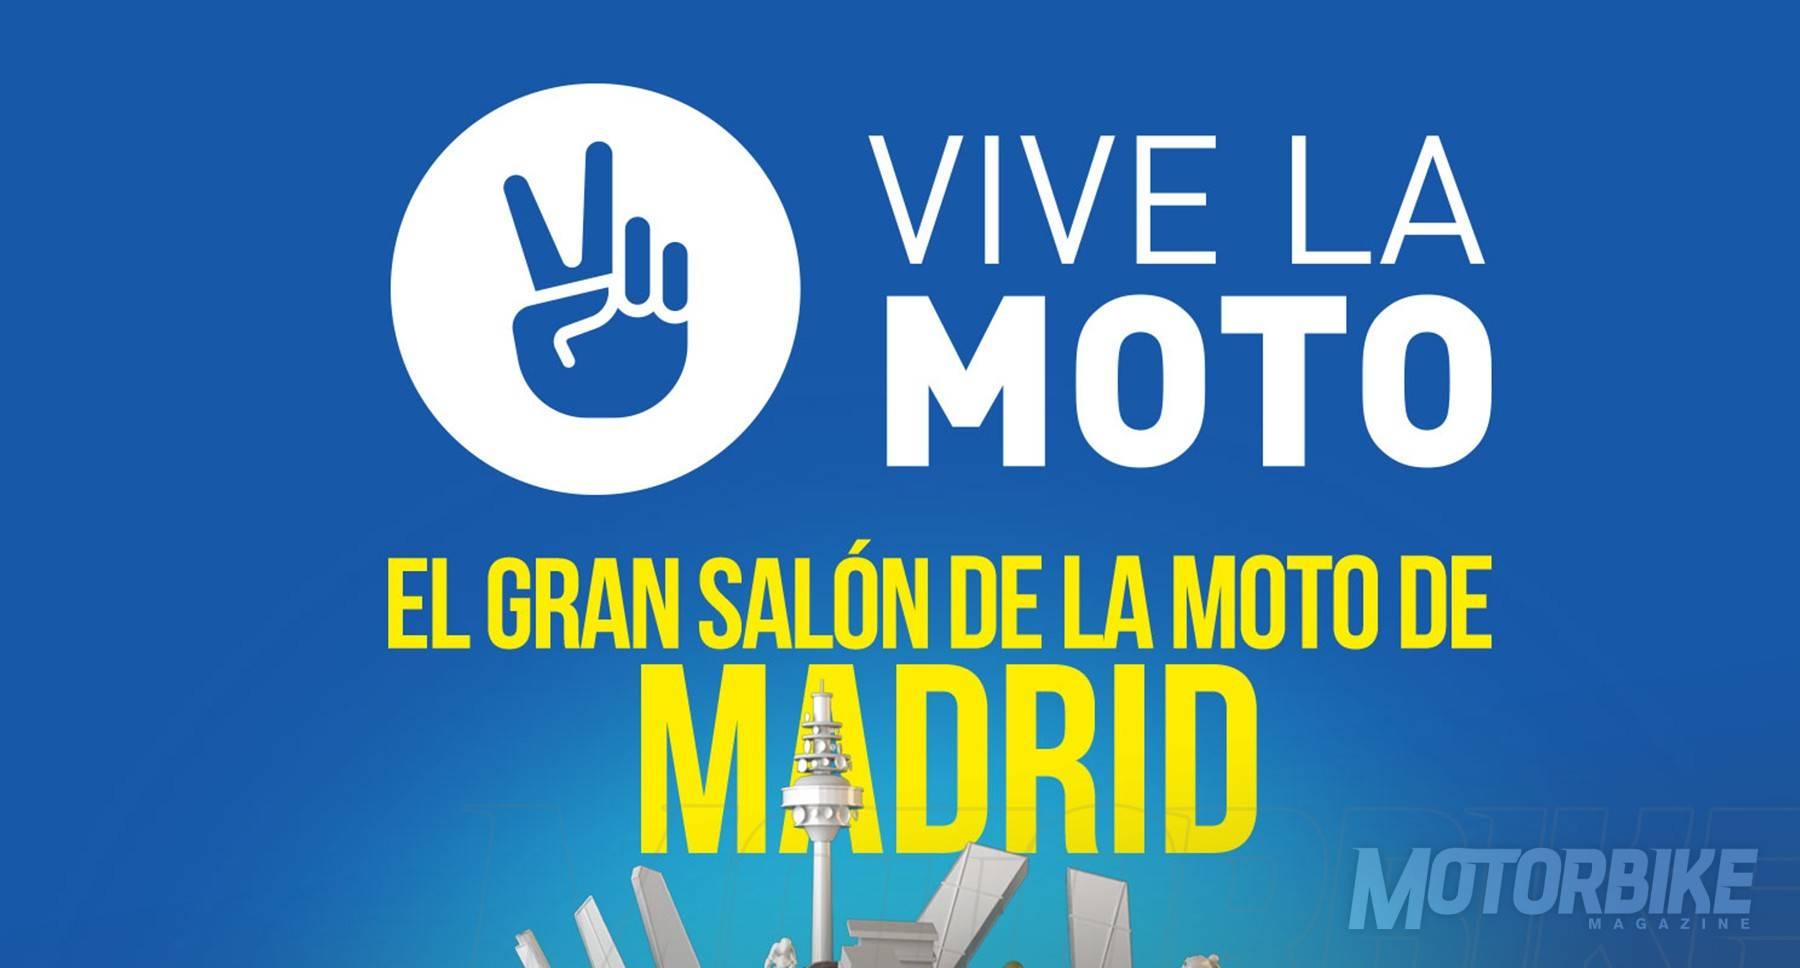 Vive la moto 2018 nuevo sal n de la moto en madrid for Salon de la moto 2018